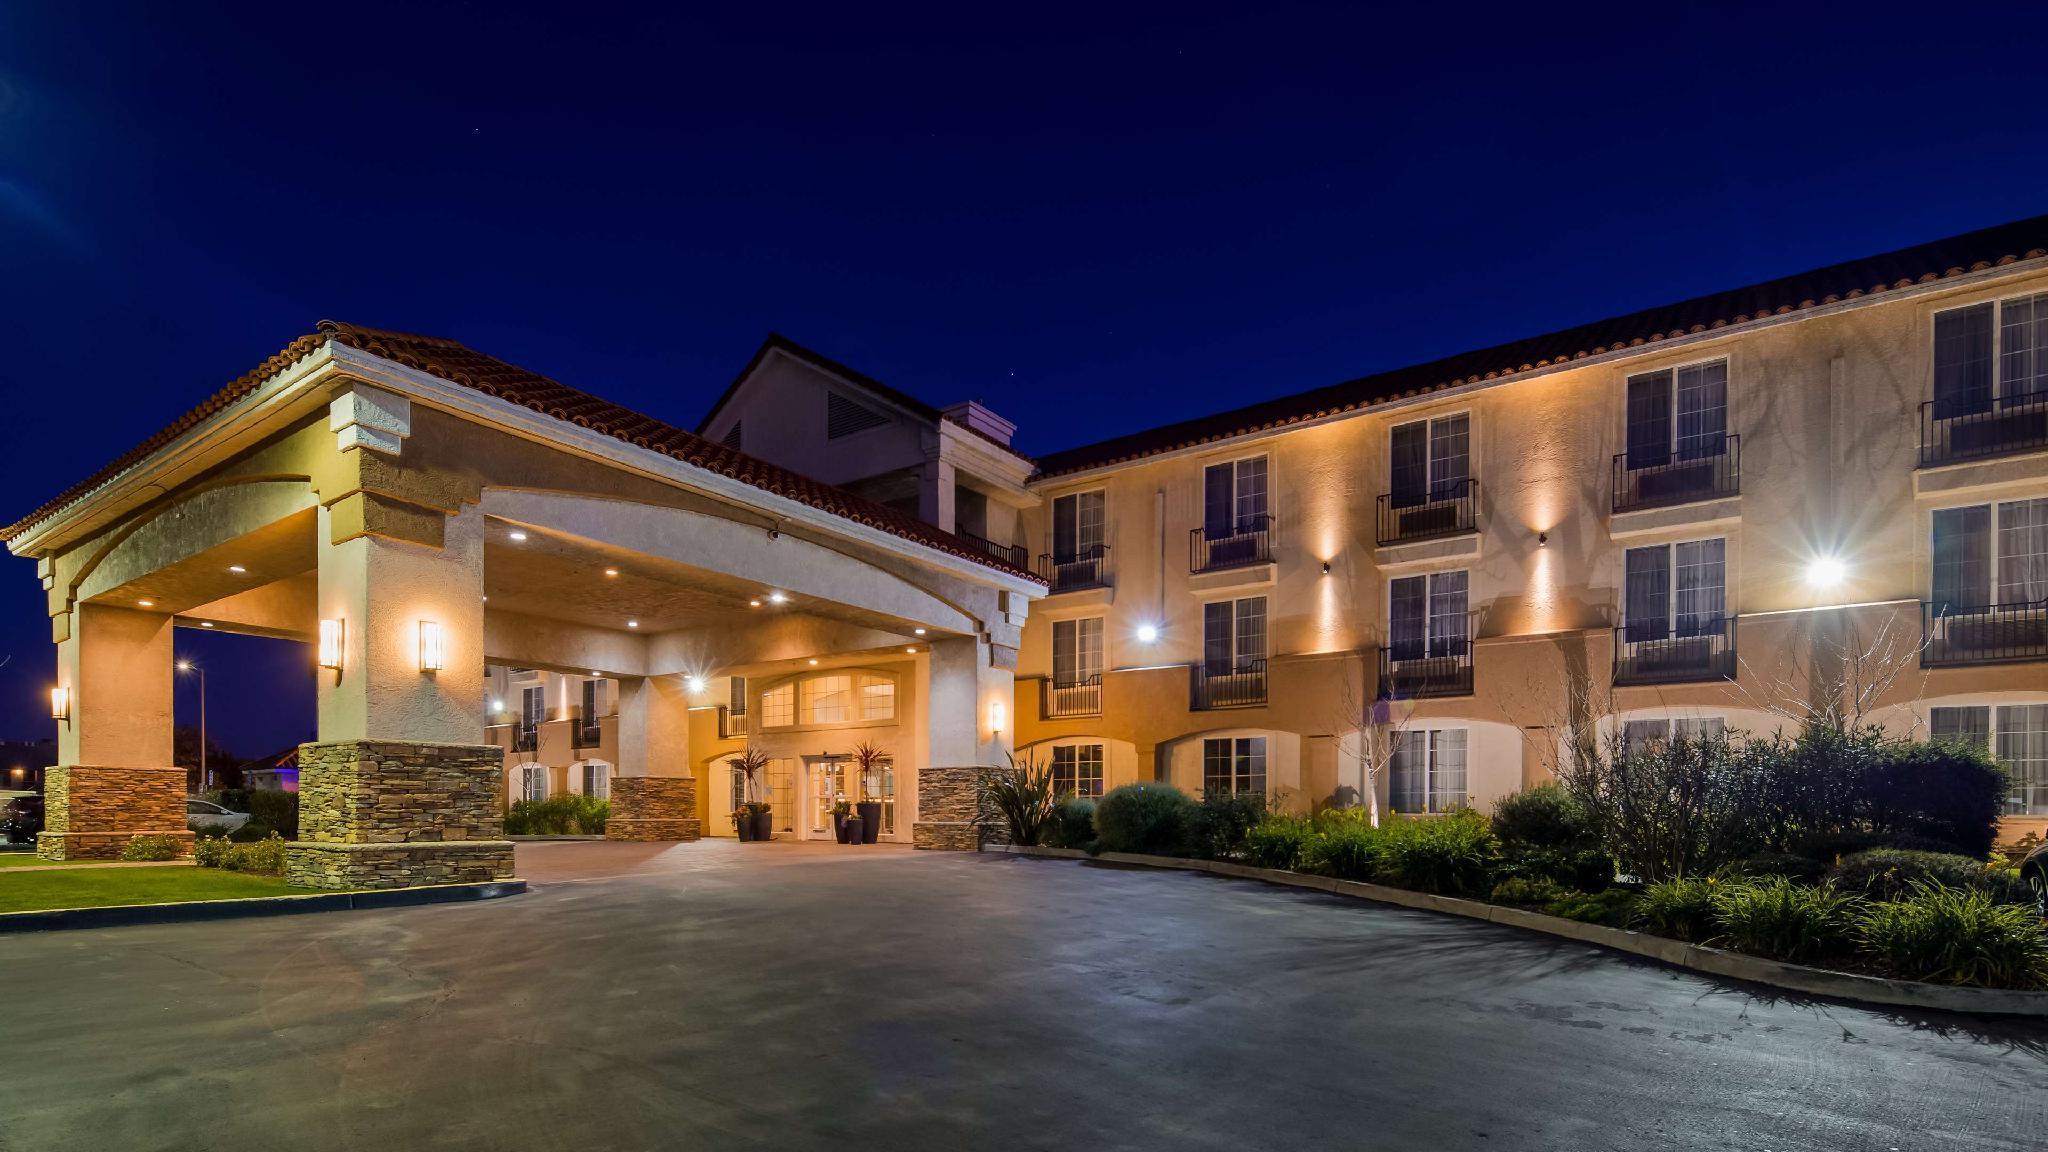 Best Western Plus Salinas Valley Inn And Suites